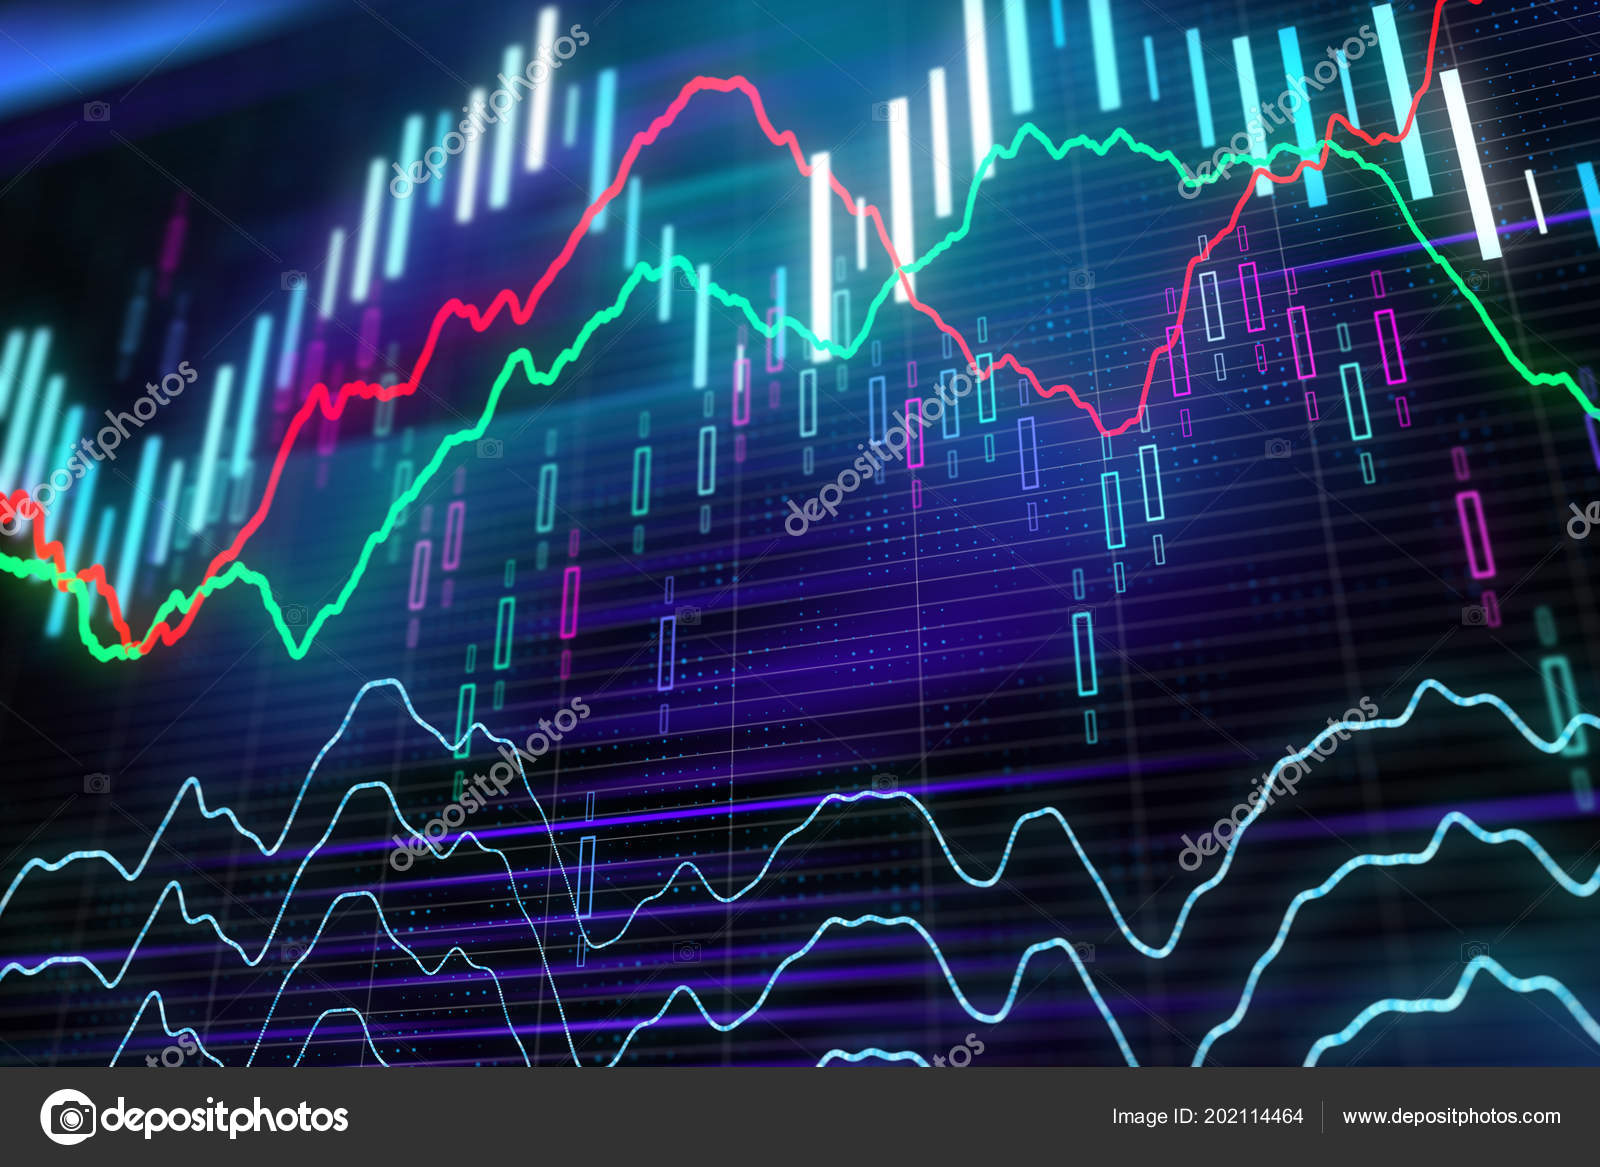 edb3602a46 Forex Grafici Ardore Diversi Colori Che Mostra Situazione Dei Mercati–  immagine stock